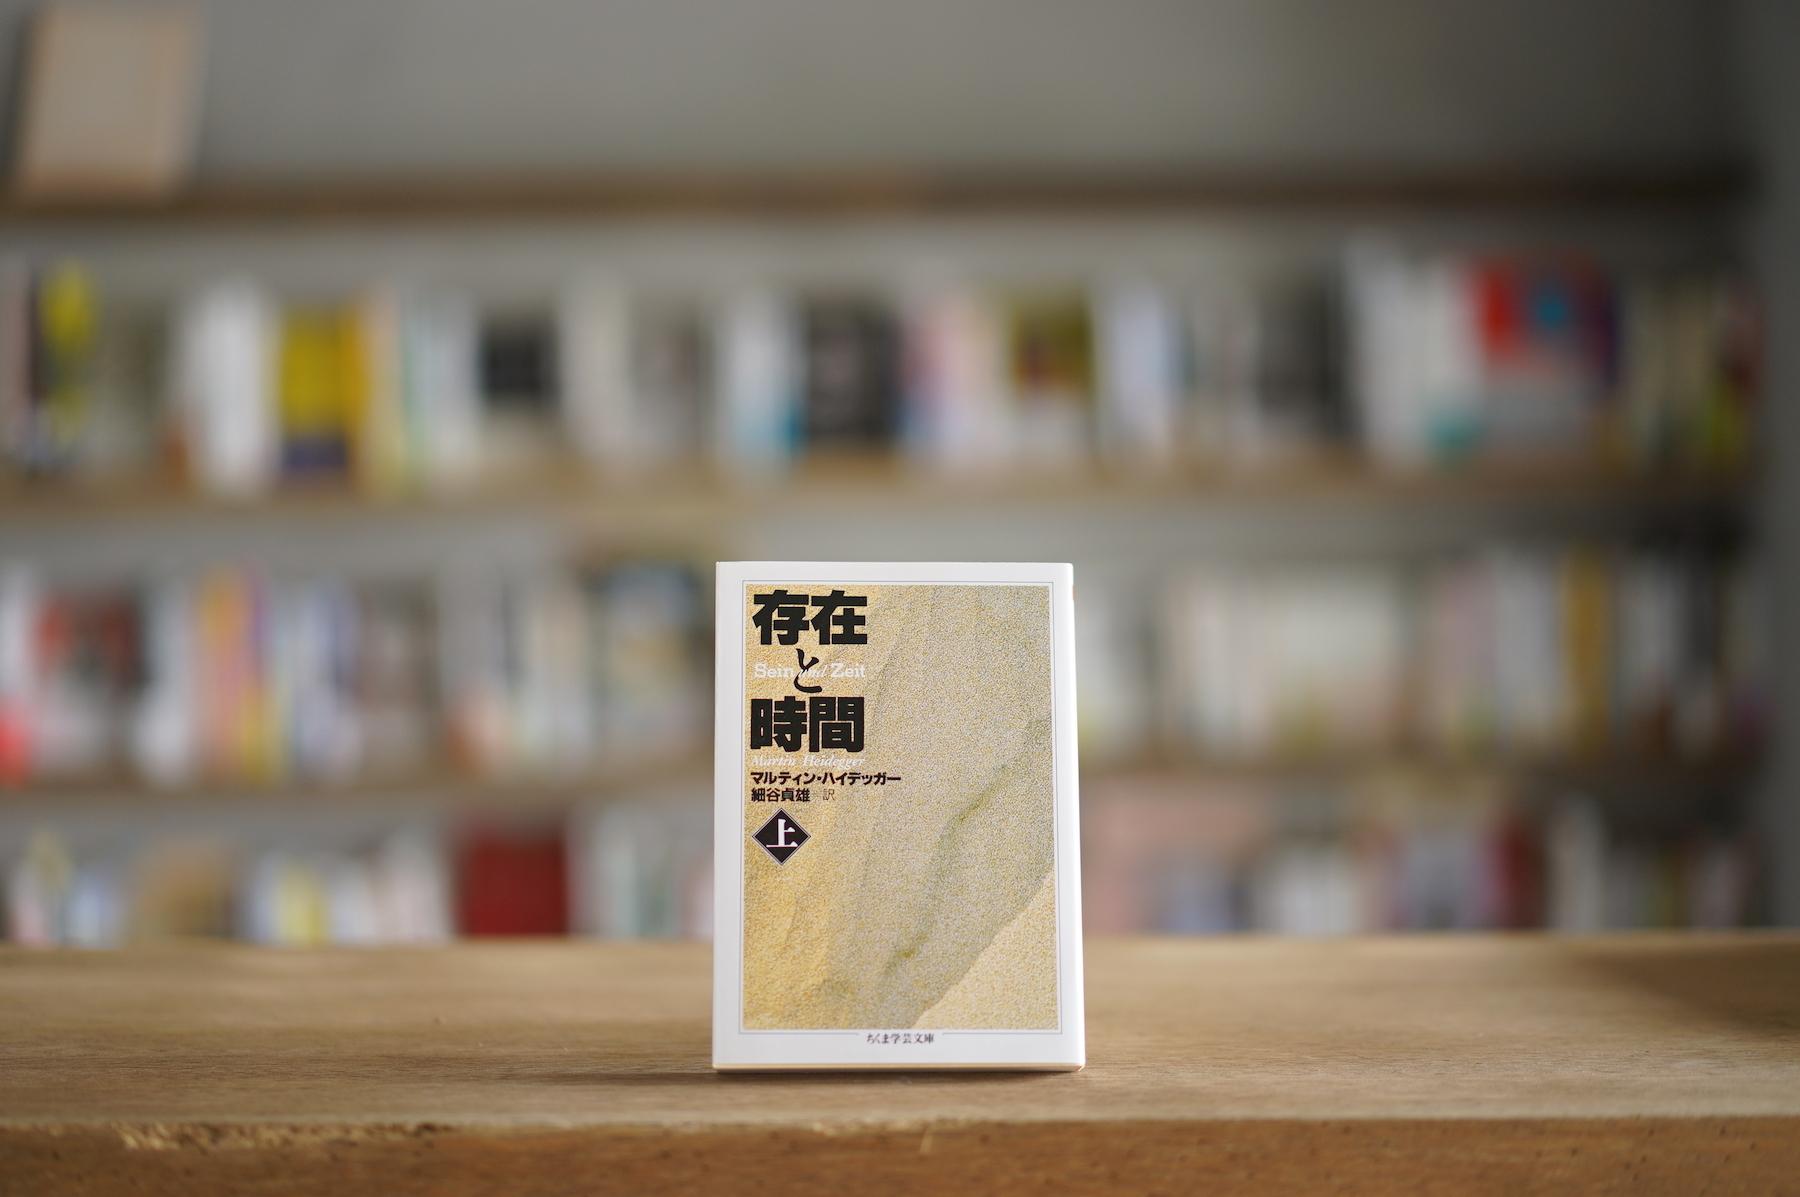 マルティン・ハイデッガー 訳:細谷貞雄 『存在と時間 上下』 (筑摩書房、1994)